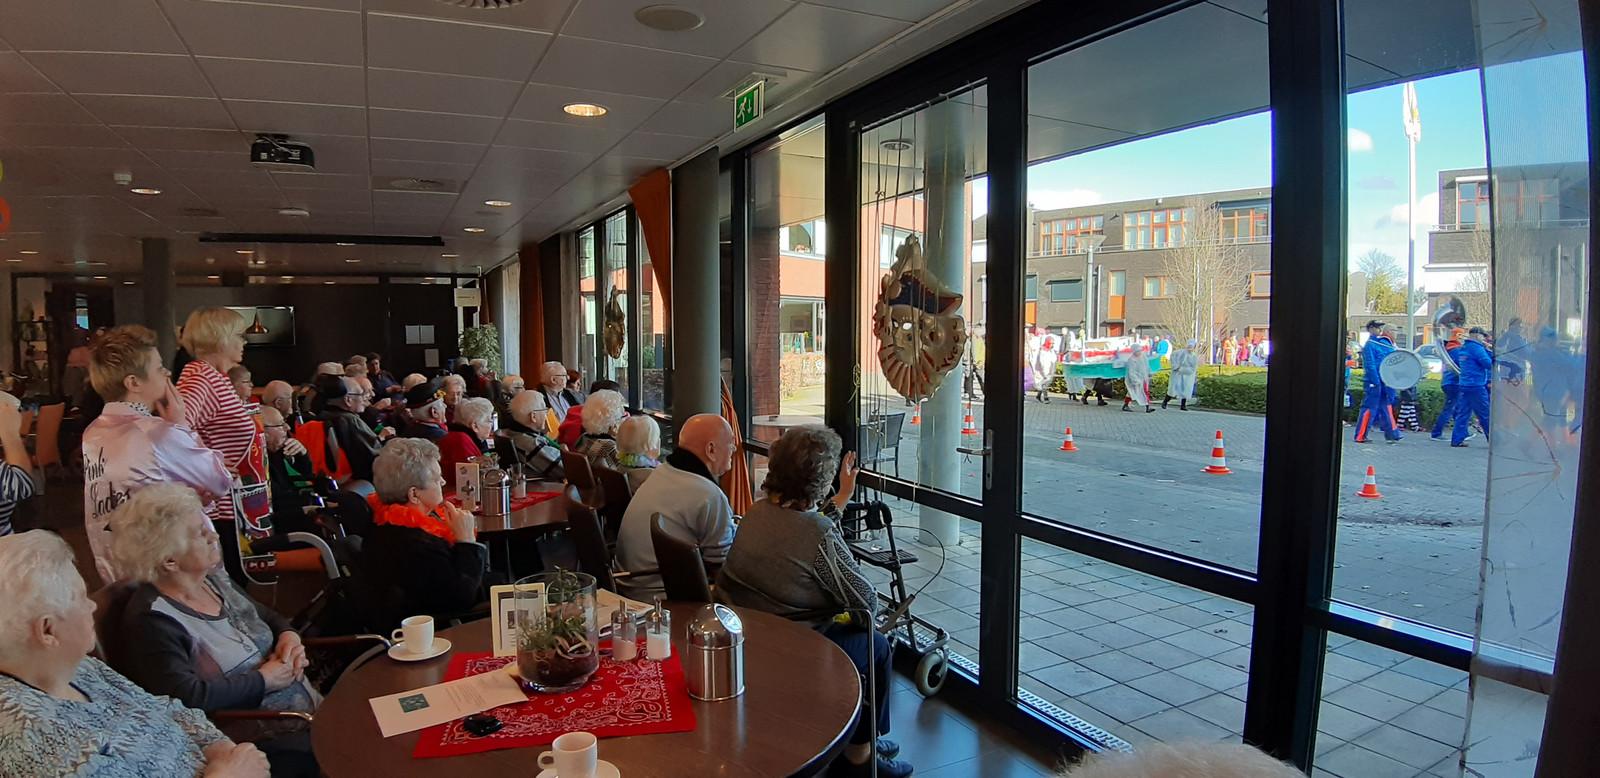 De ouderen in woonzorgcentrum De Kerkakkers zien de kinderoptocht aan zich voorbij trekken